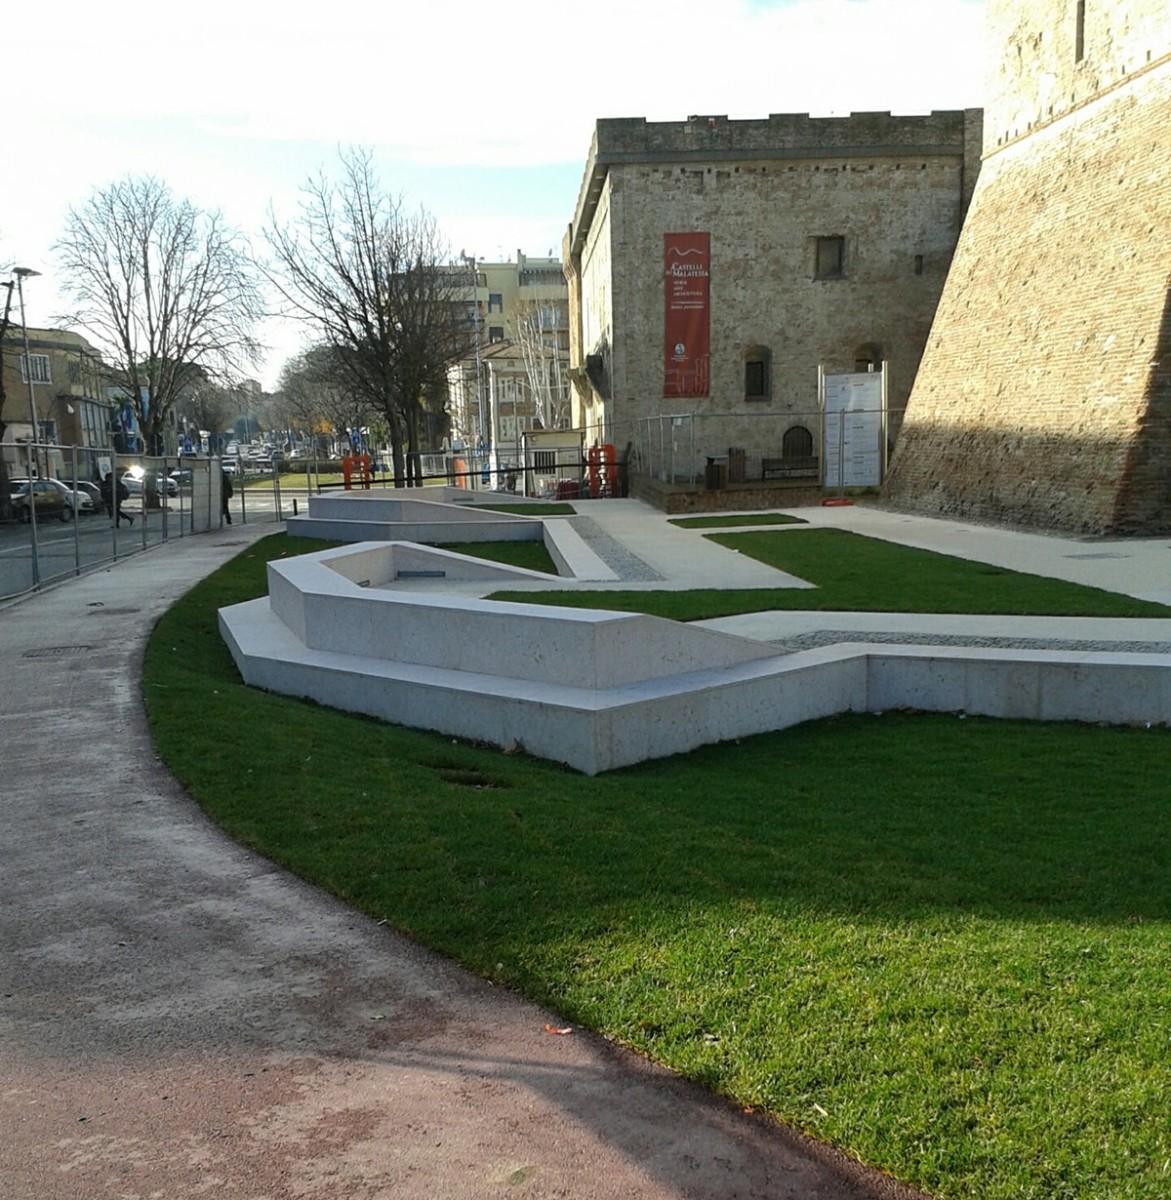 Il Castello di marmo: qui riposa (non in pace) l'antico fossato